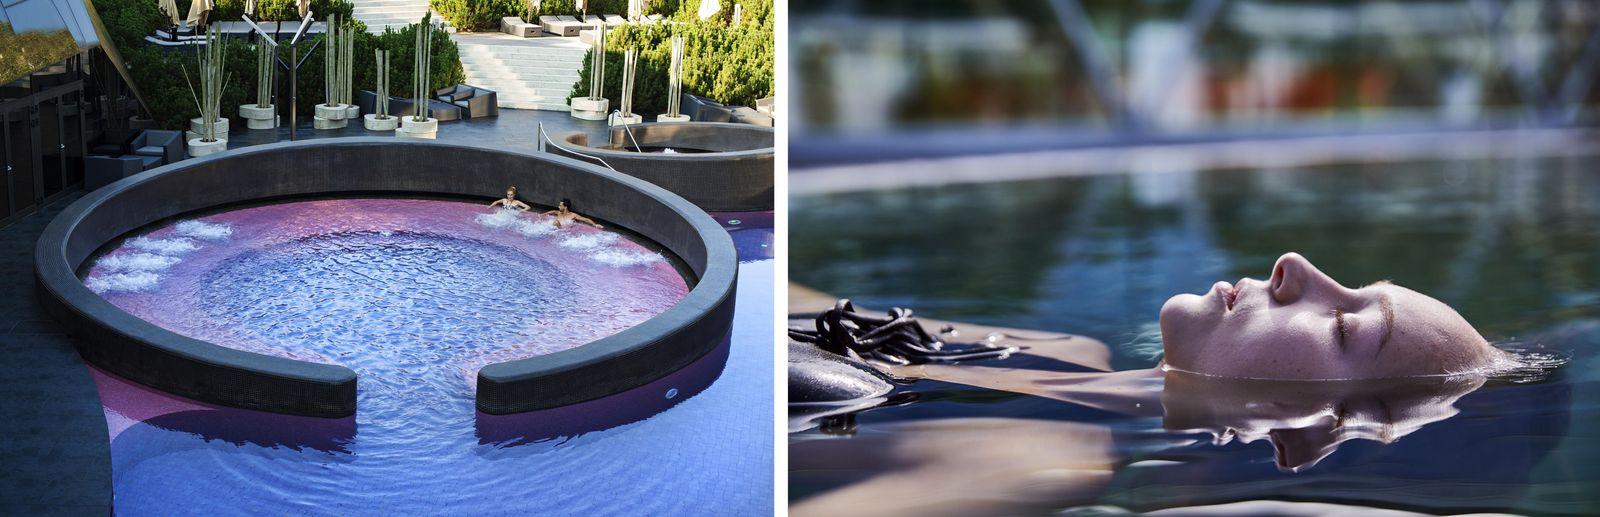 Gauche : Relaxez-vous dans les somptueuses piscines des thermes Olimia. Droite : Immergez-vous dans l'eau riche en ...